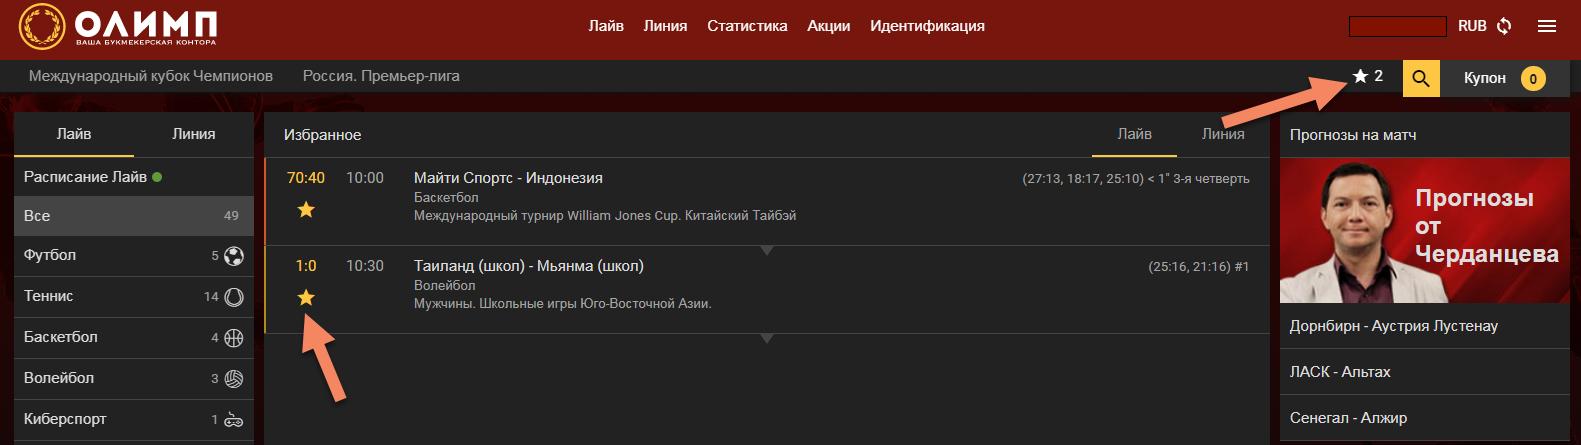 Сайт Олимп.ру